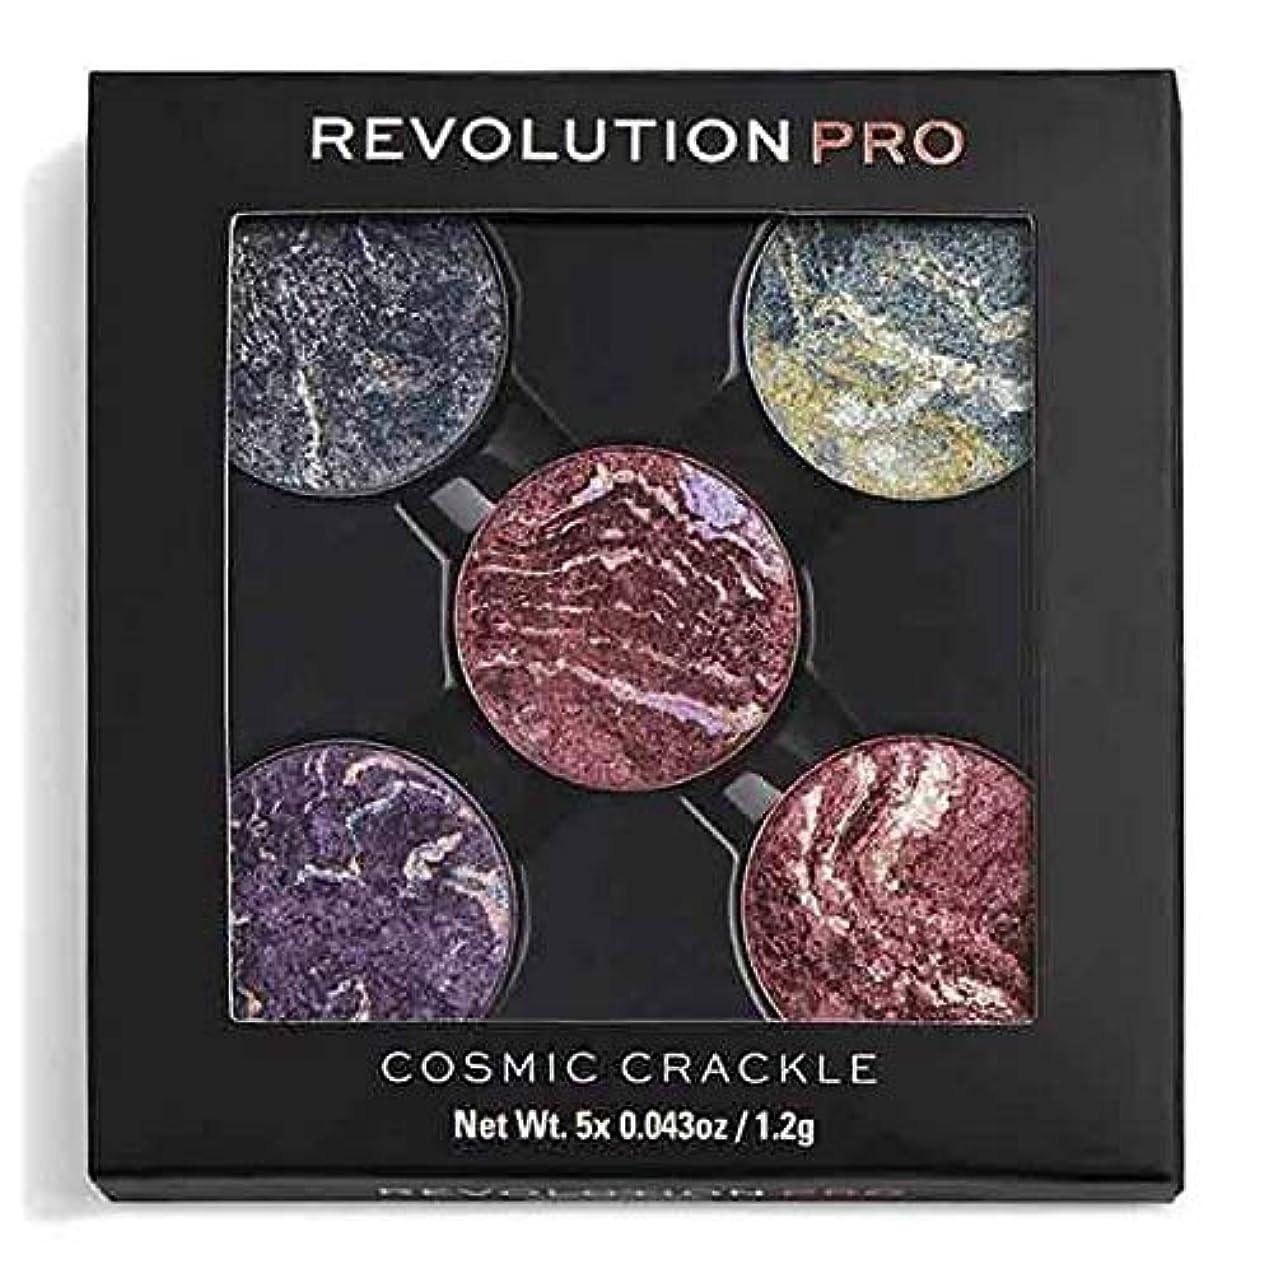 こねるモトリーペナルティ[Revolution ] 革命プロリフィルアイシャドウは、宇宙クラックルをパック - Revolution Pro Refill Eyeshadow Pack Cosmic Crackle [並行輸入品]